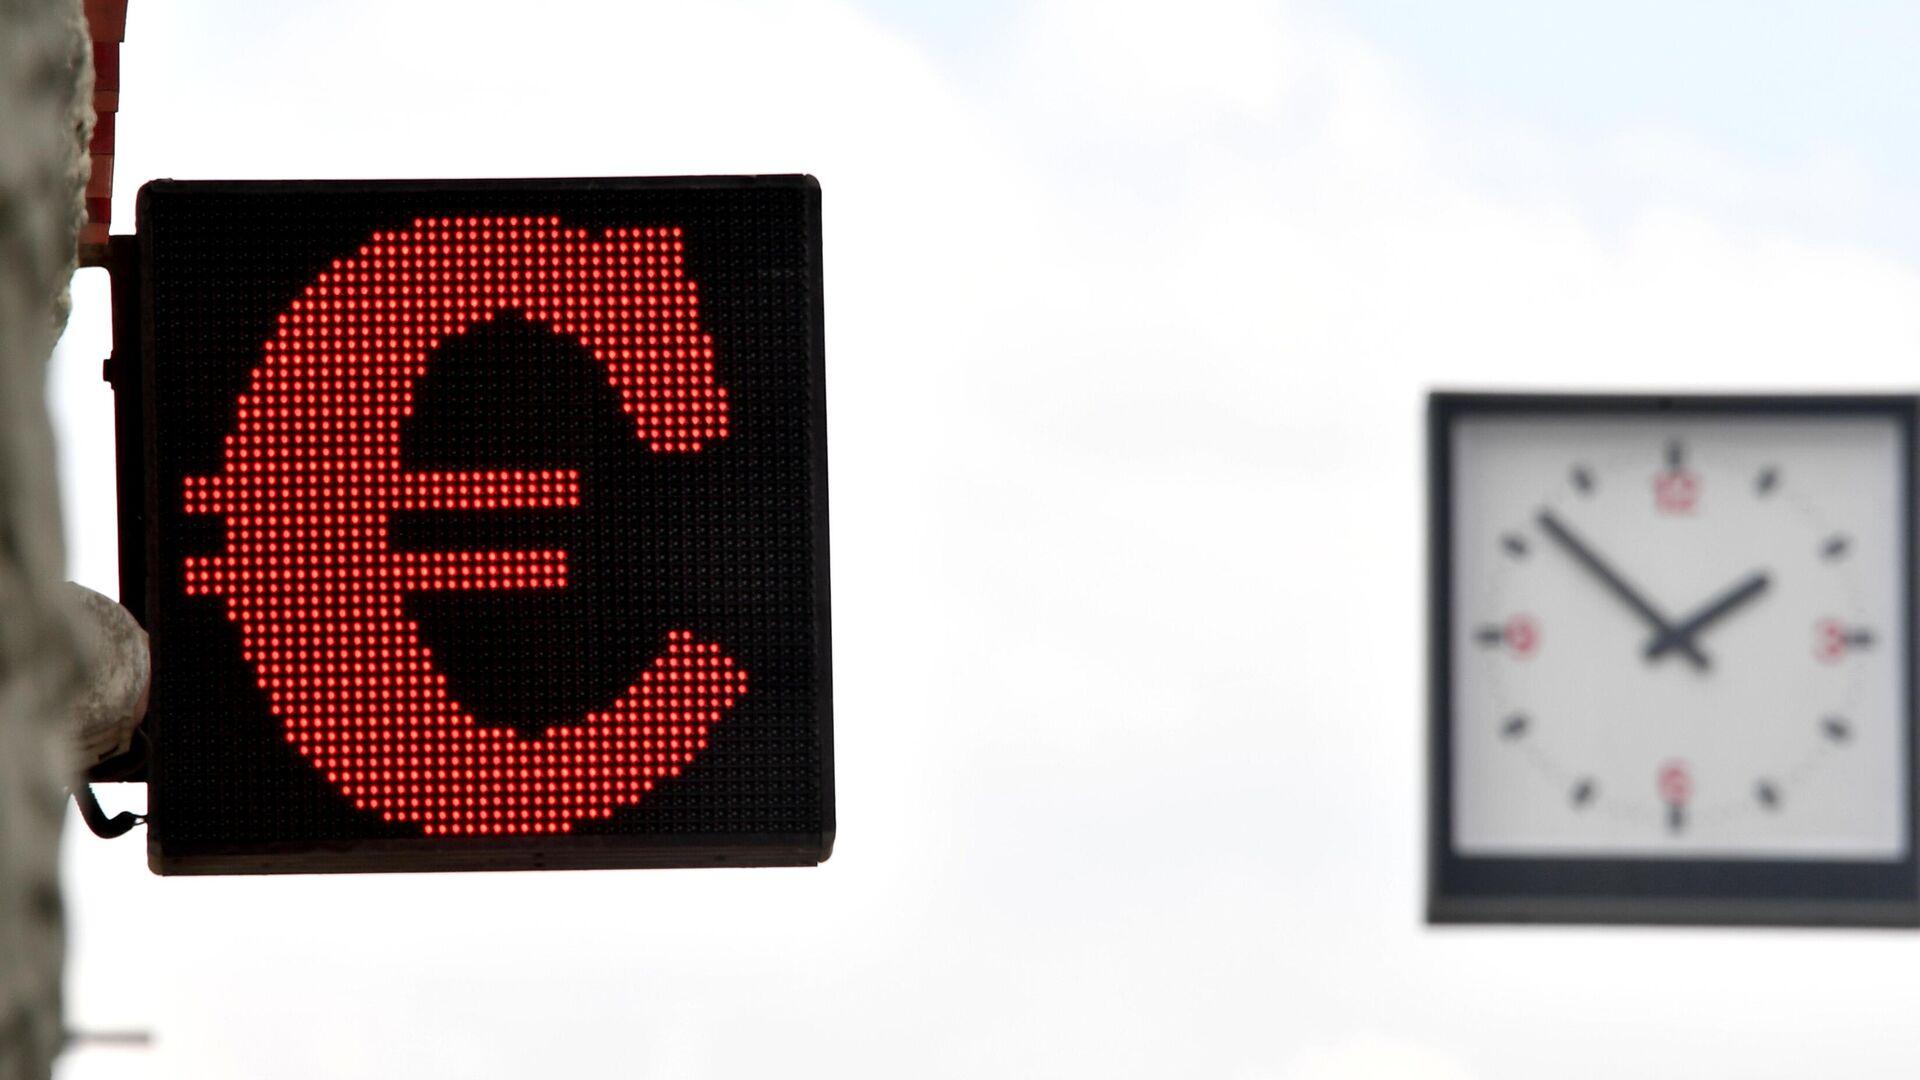 Электронное табло со знаком евро на одной из улиц в Москве - РИА Новости, 1920, 18.06.2021